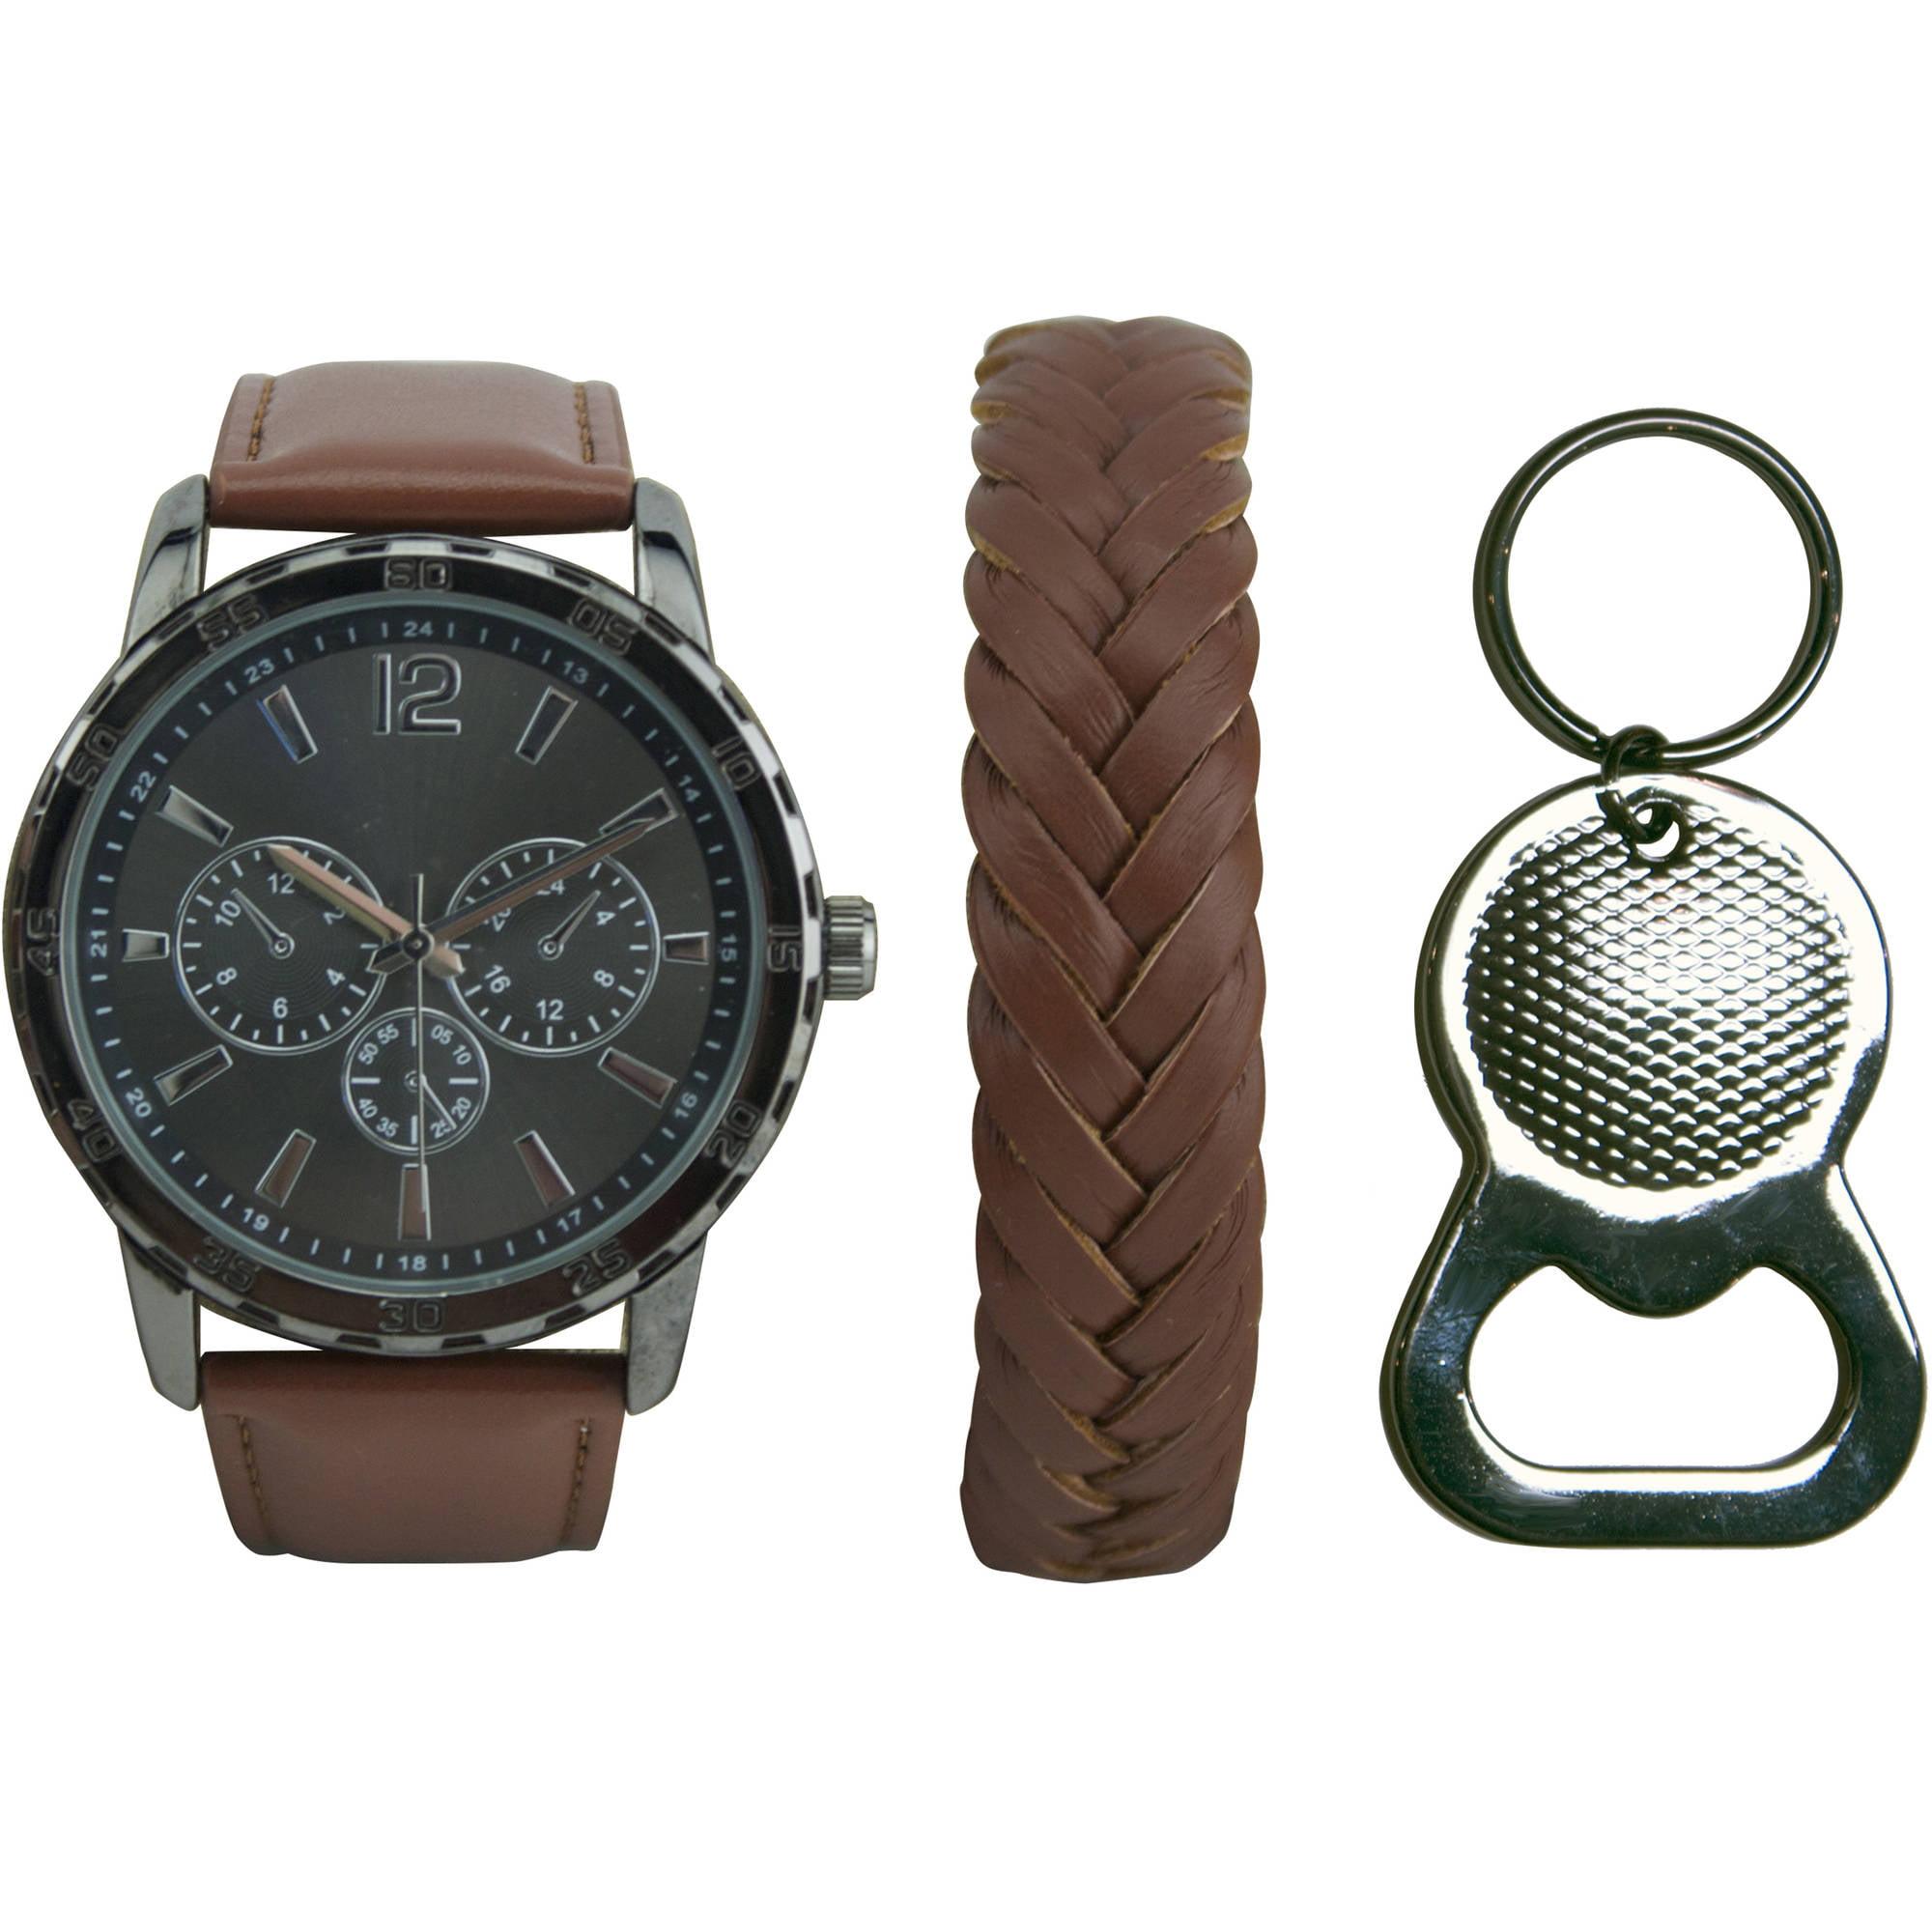 Men's Gunmetal and Cognac Watch Set with Bracelet and Bottle Opener